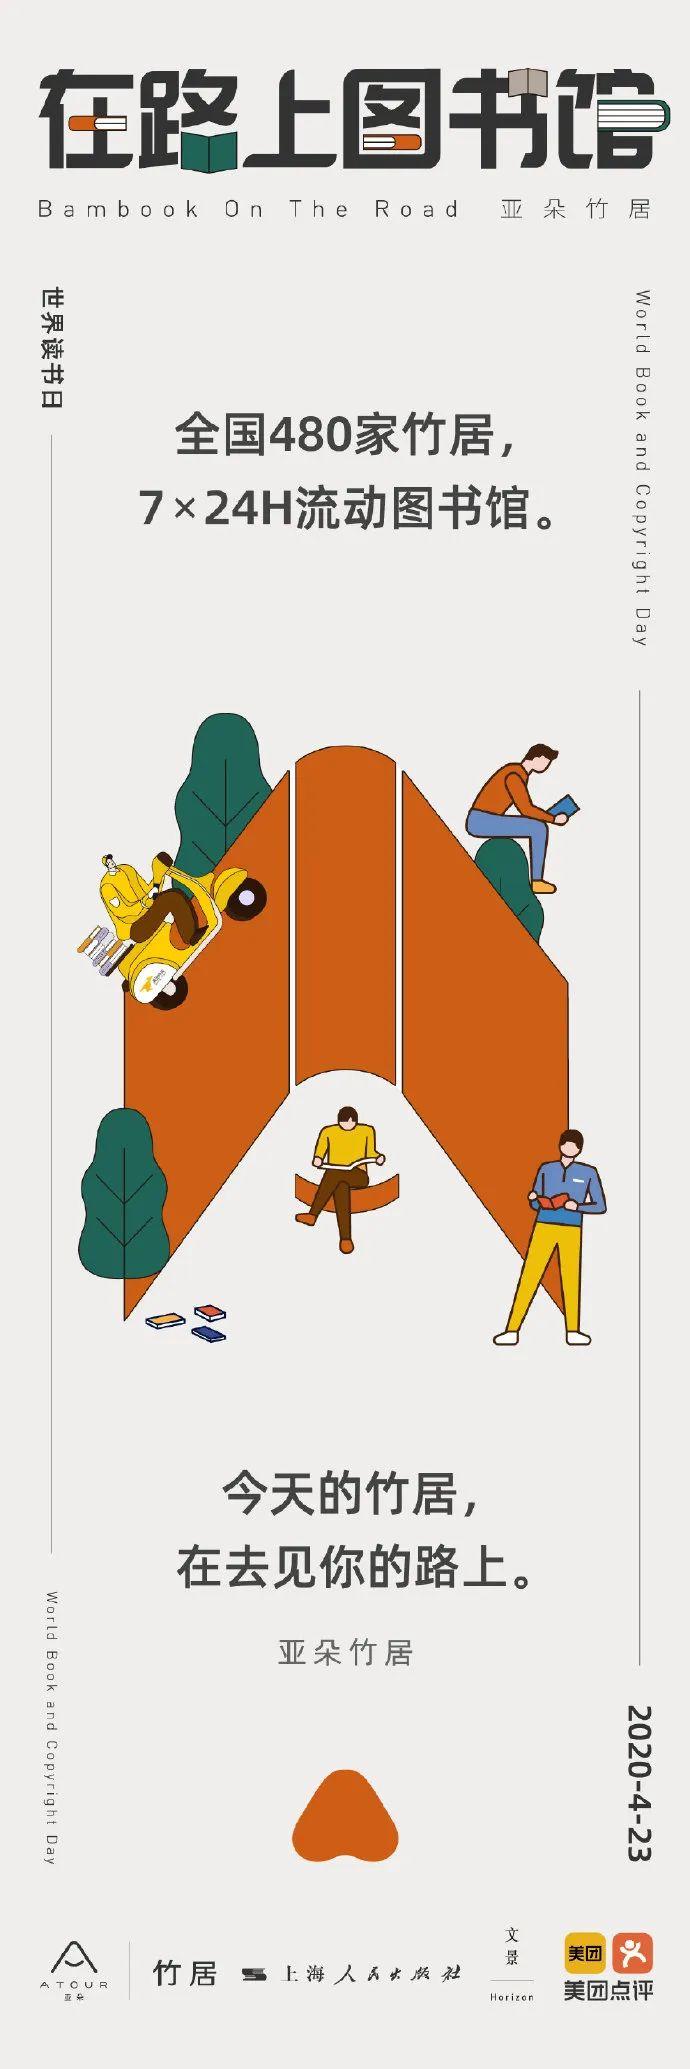 世界读书日文案海报欣赏:别给自己的懒惰找借口!插图44